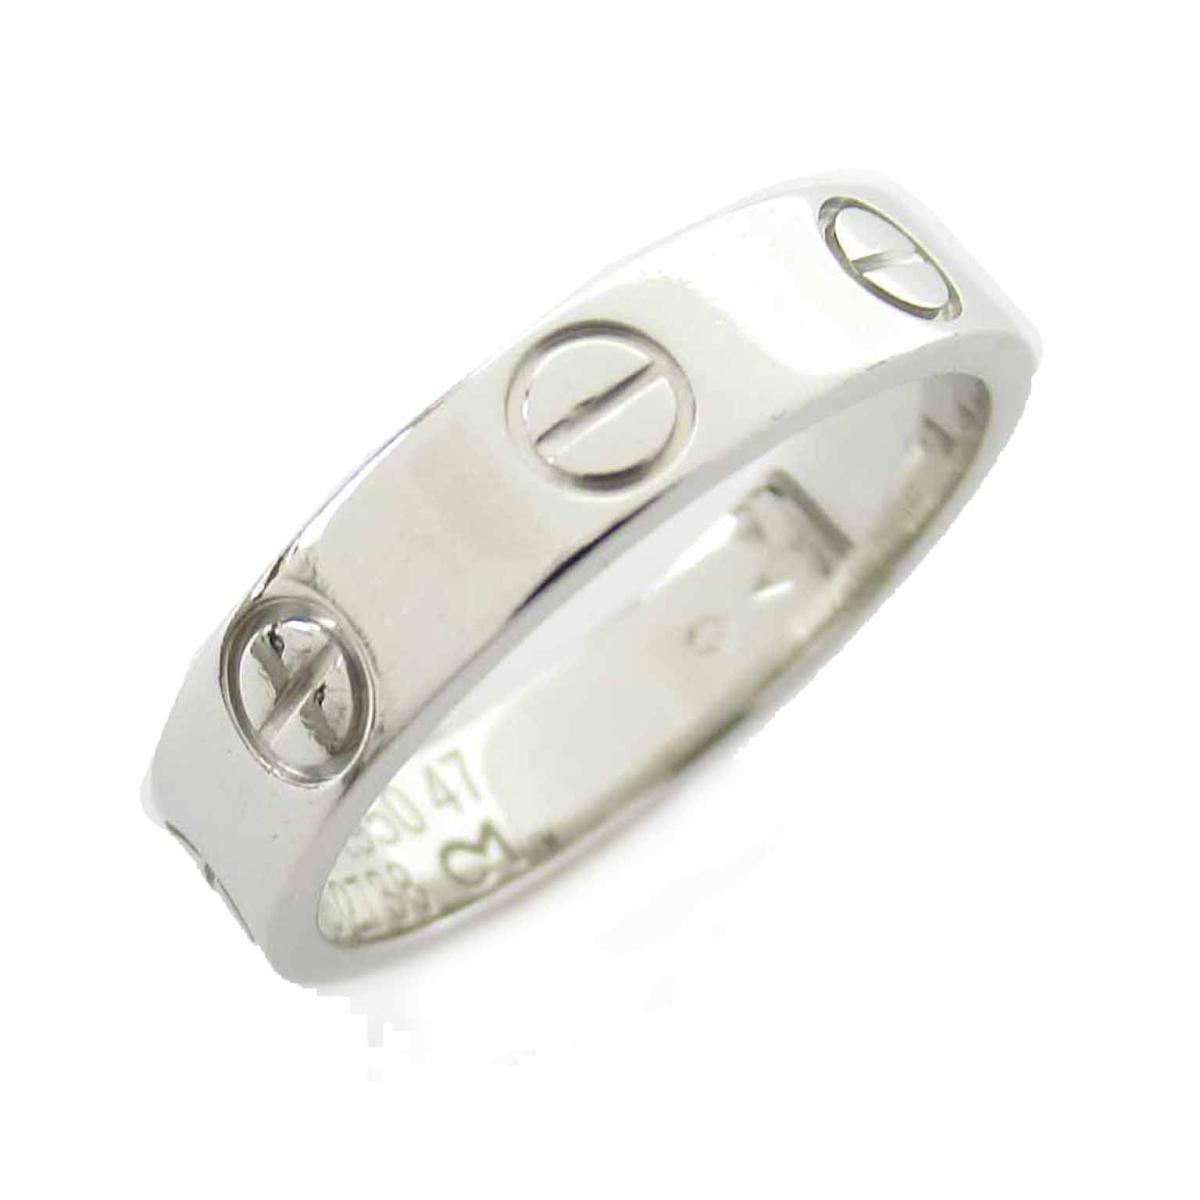 【中古】 カルティエ ミニラブリング 指輪 レディース PT950 プラチナ | Cartier BRANDOFF ブランドオフ ブランド ジュエリー アクセサリー リング